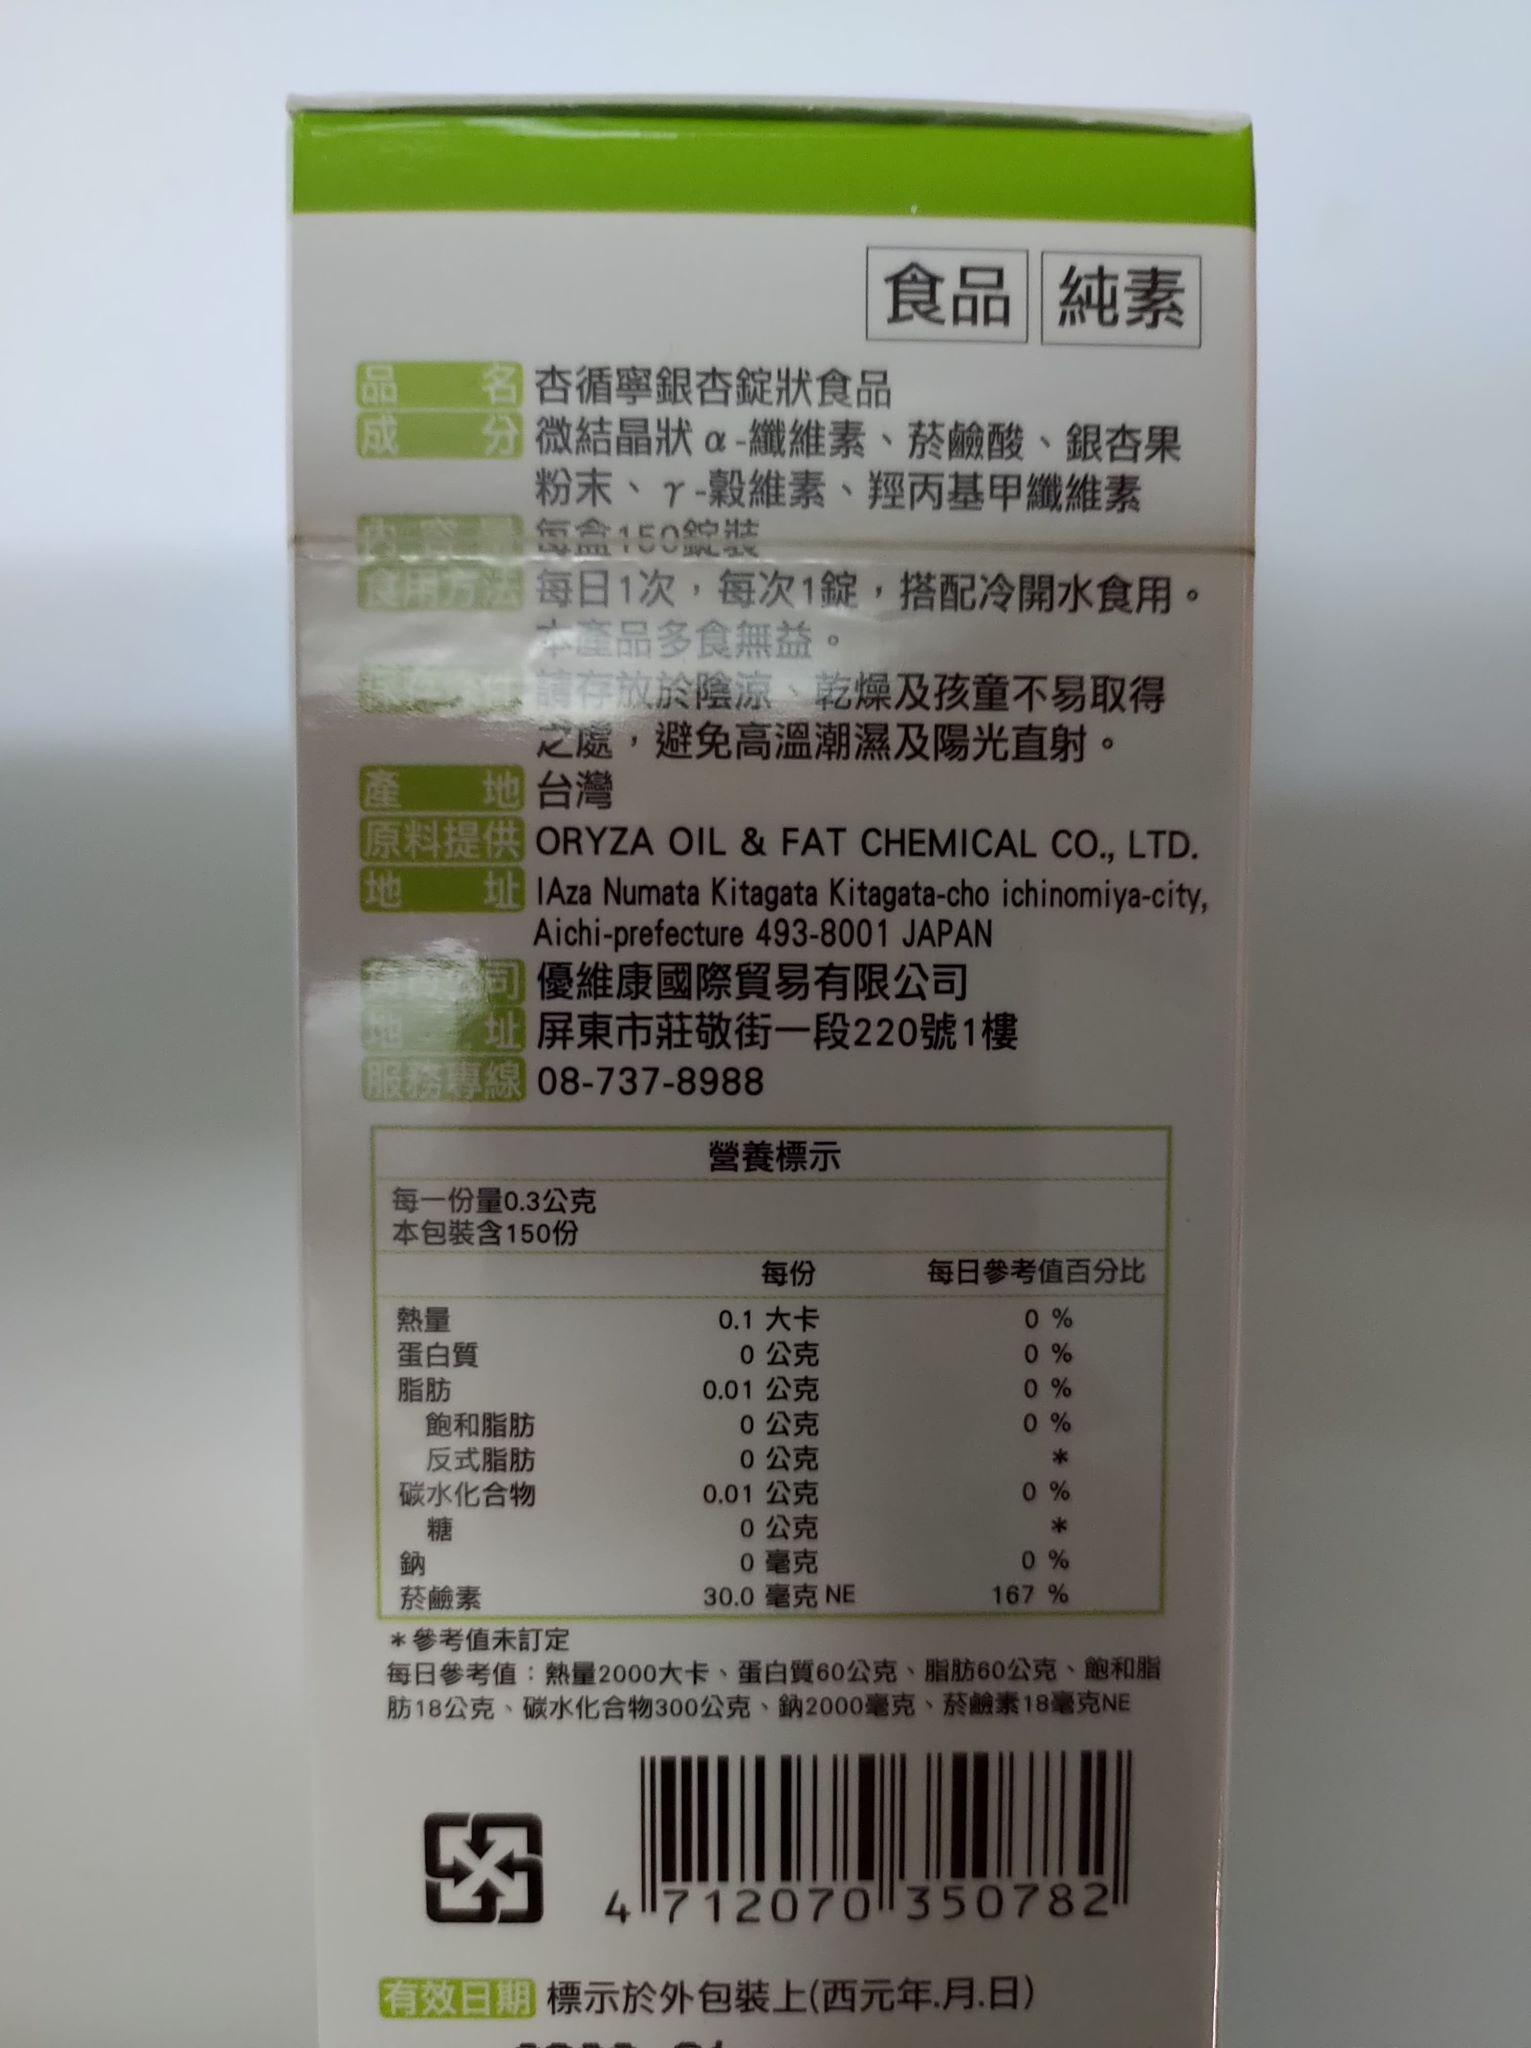 【憨吉小舖】杏循寧銀杏錠狀食品 150錠/60錠/盒 日本原料